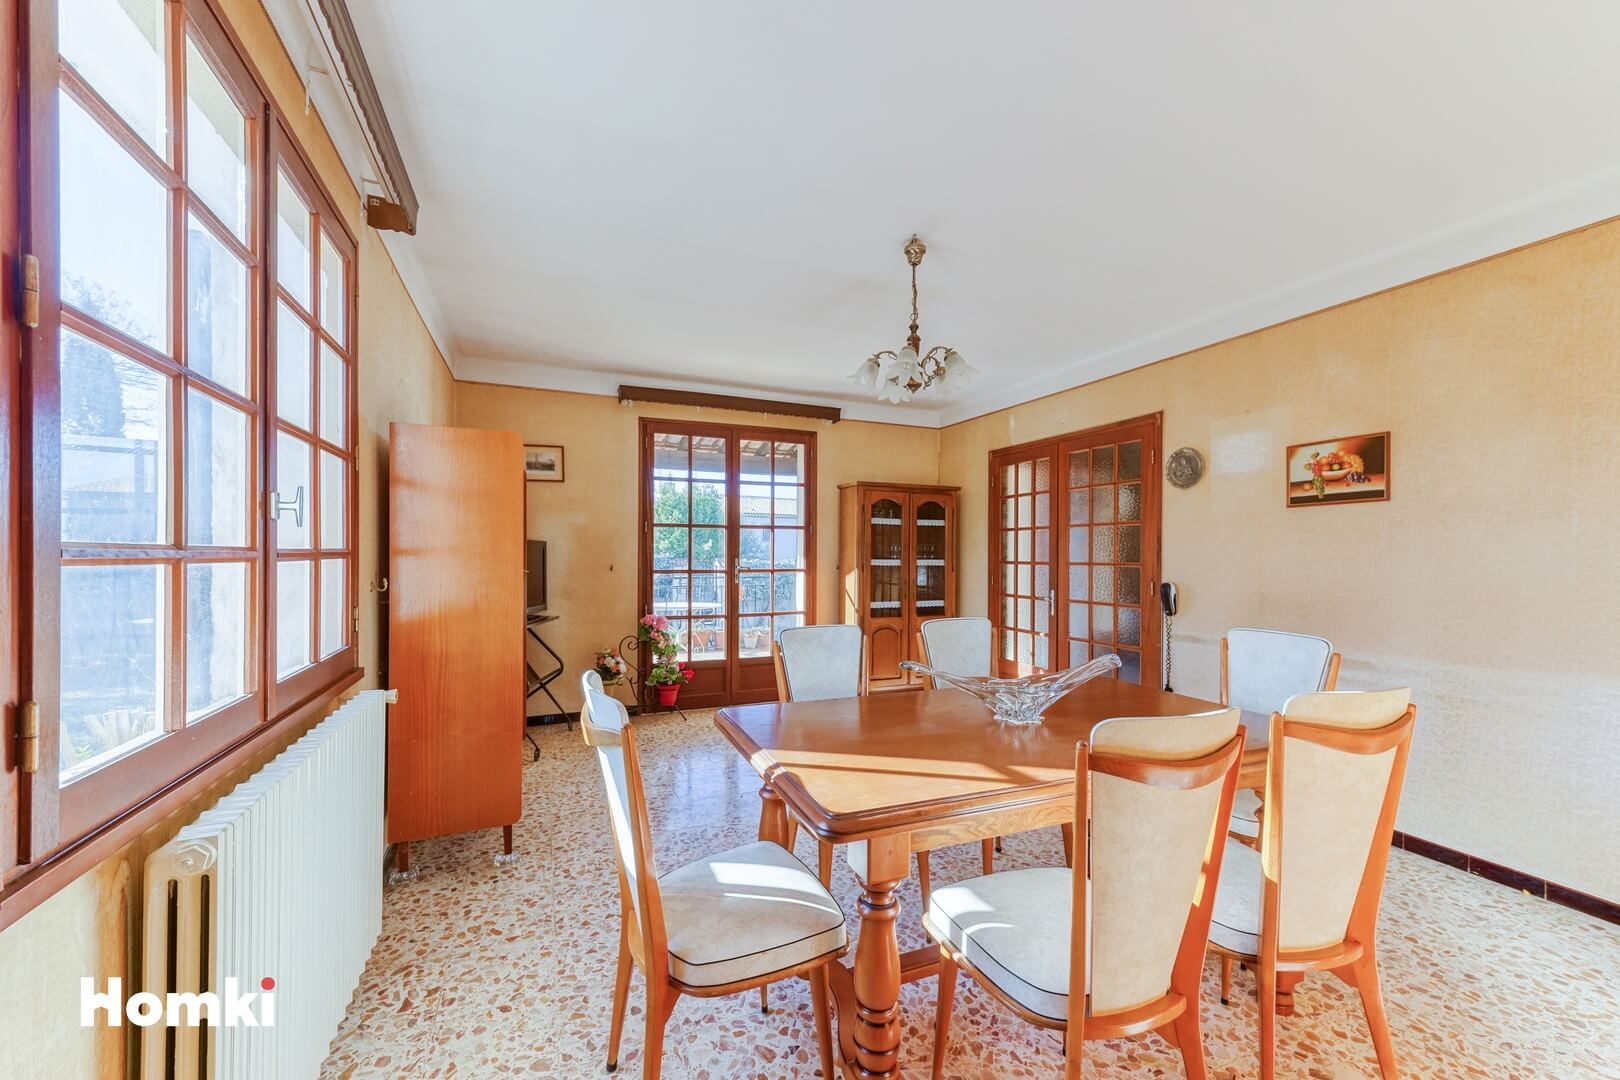 Homki - Vente Maison/villa  de 110.0 m² à Pertuis 84120